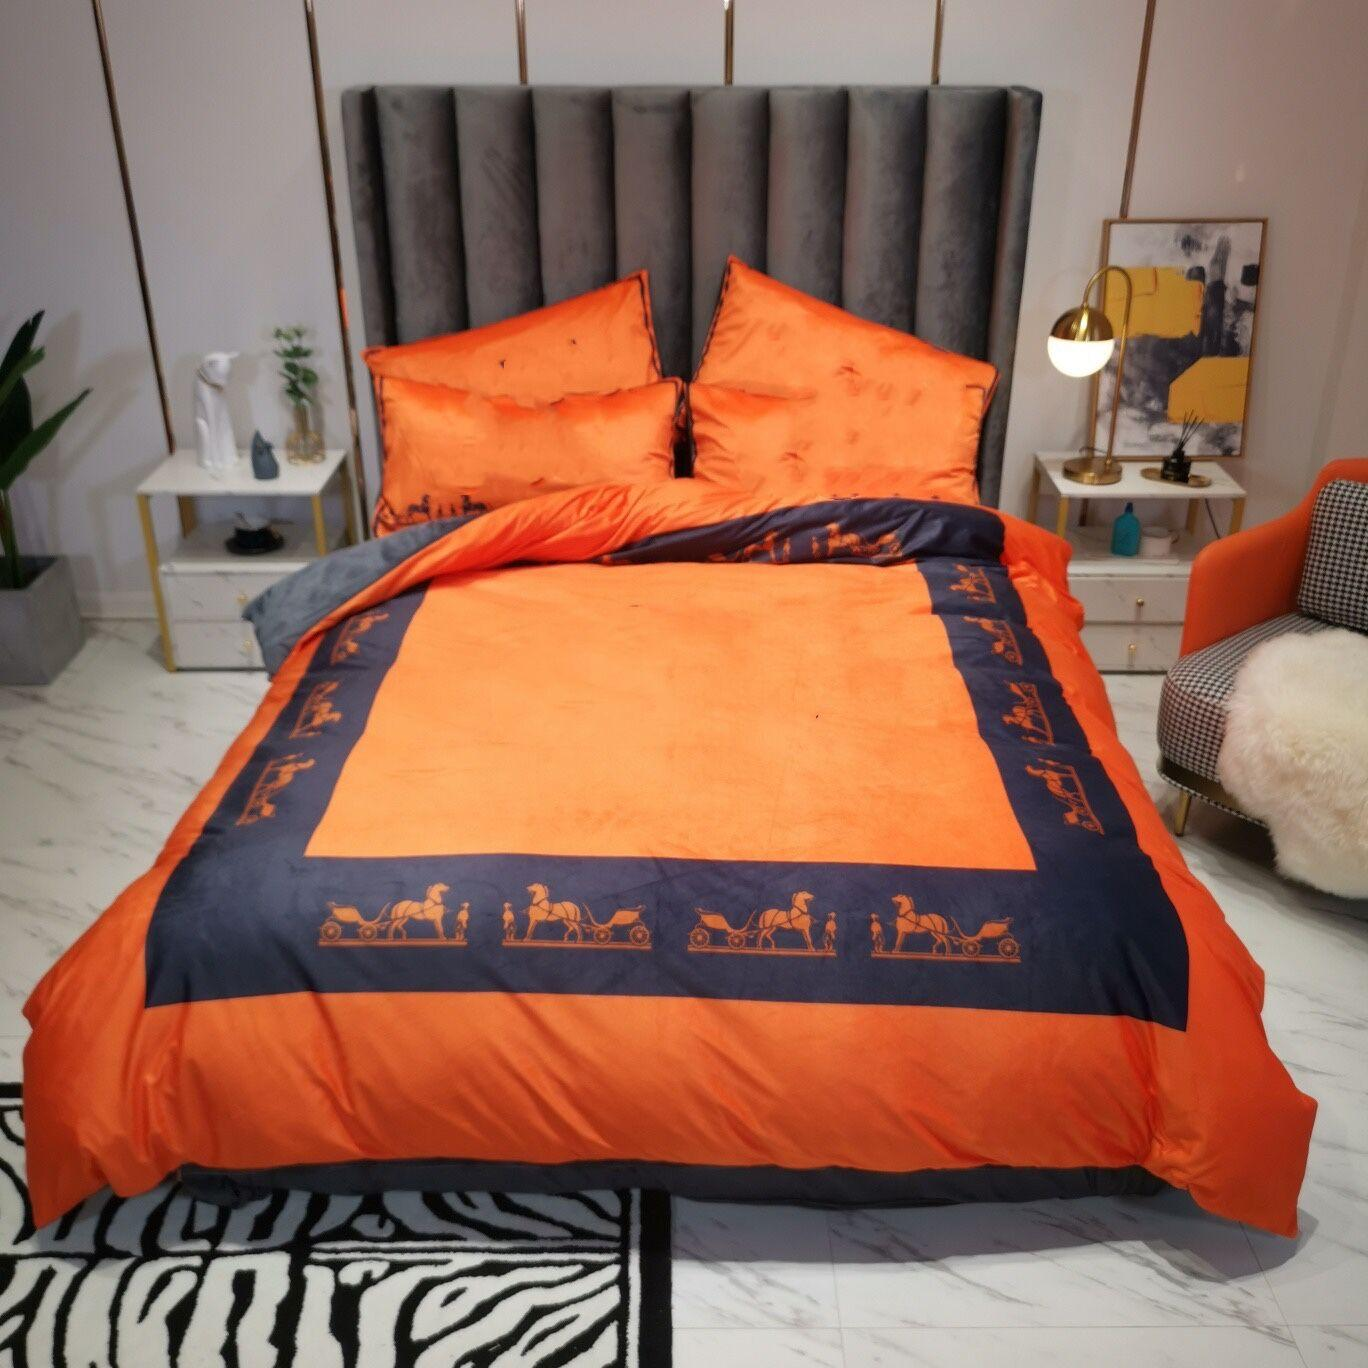 أورانج مصمم الفراش مجموعات حاف الغطاء الملكة سرير المعزون مجموعات غطاء 4 قطع وسادة الحالات عالية الجودة غطاء لحاف